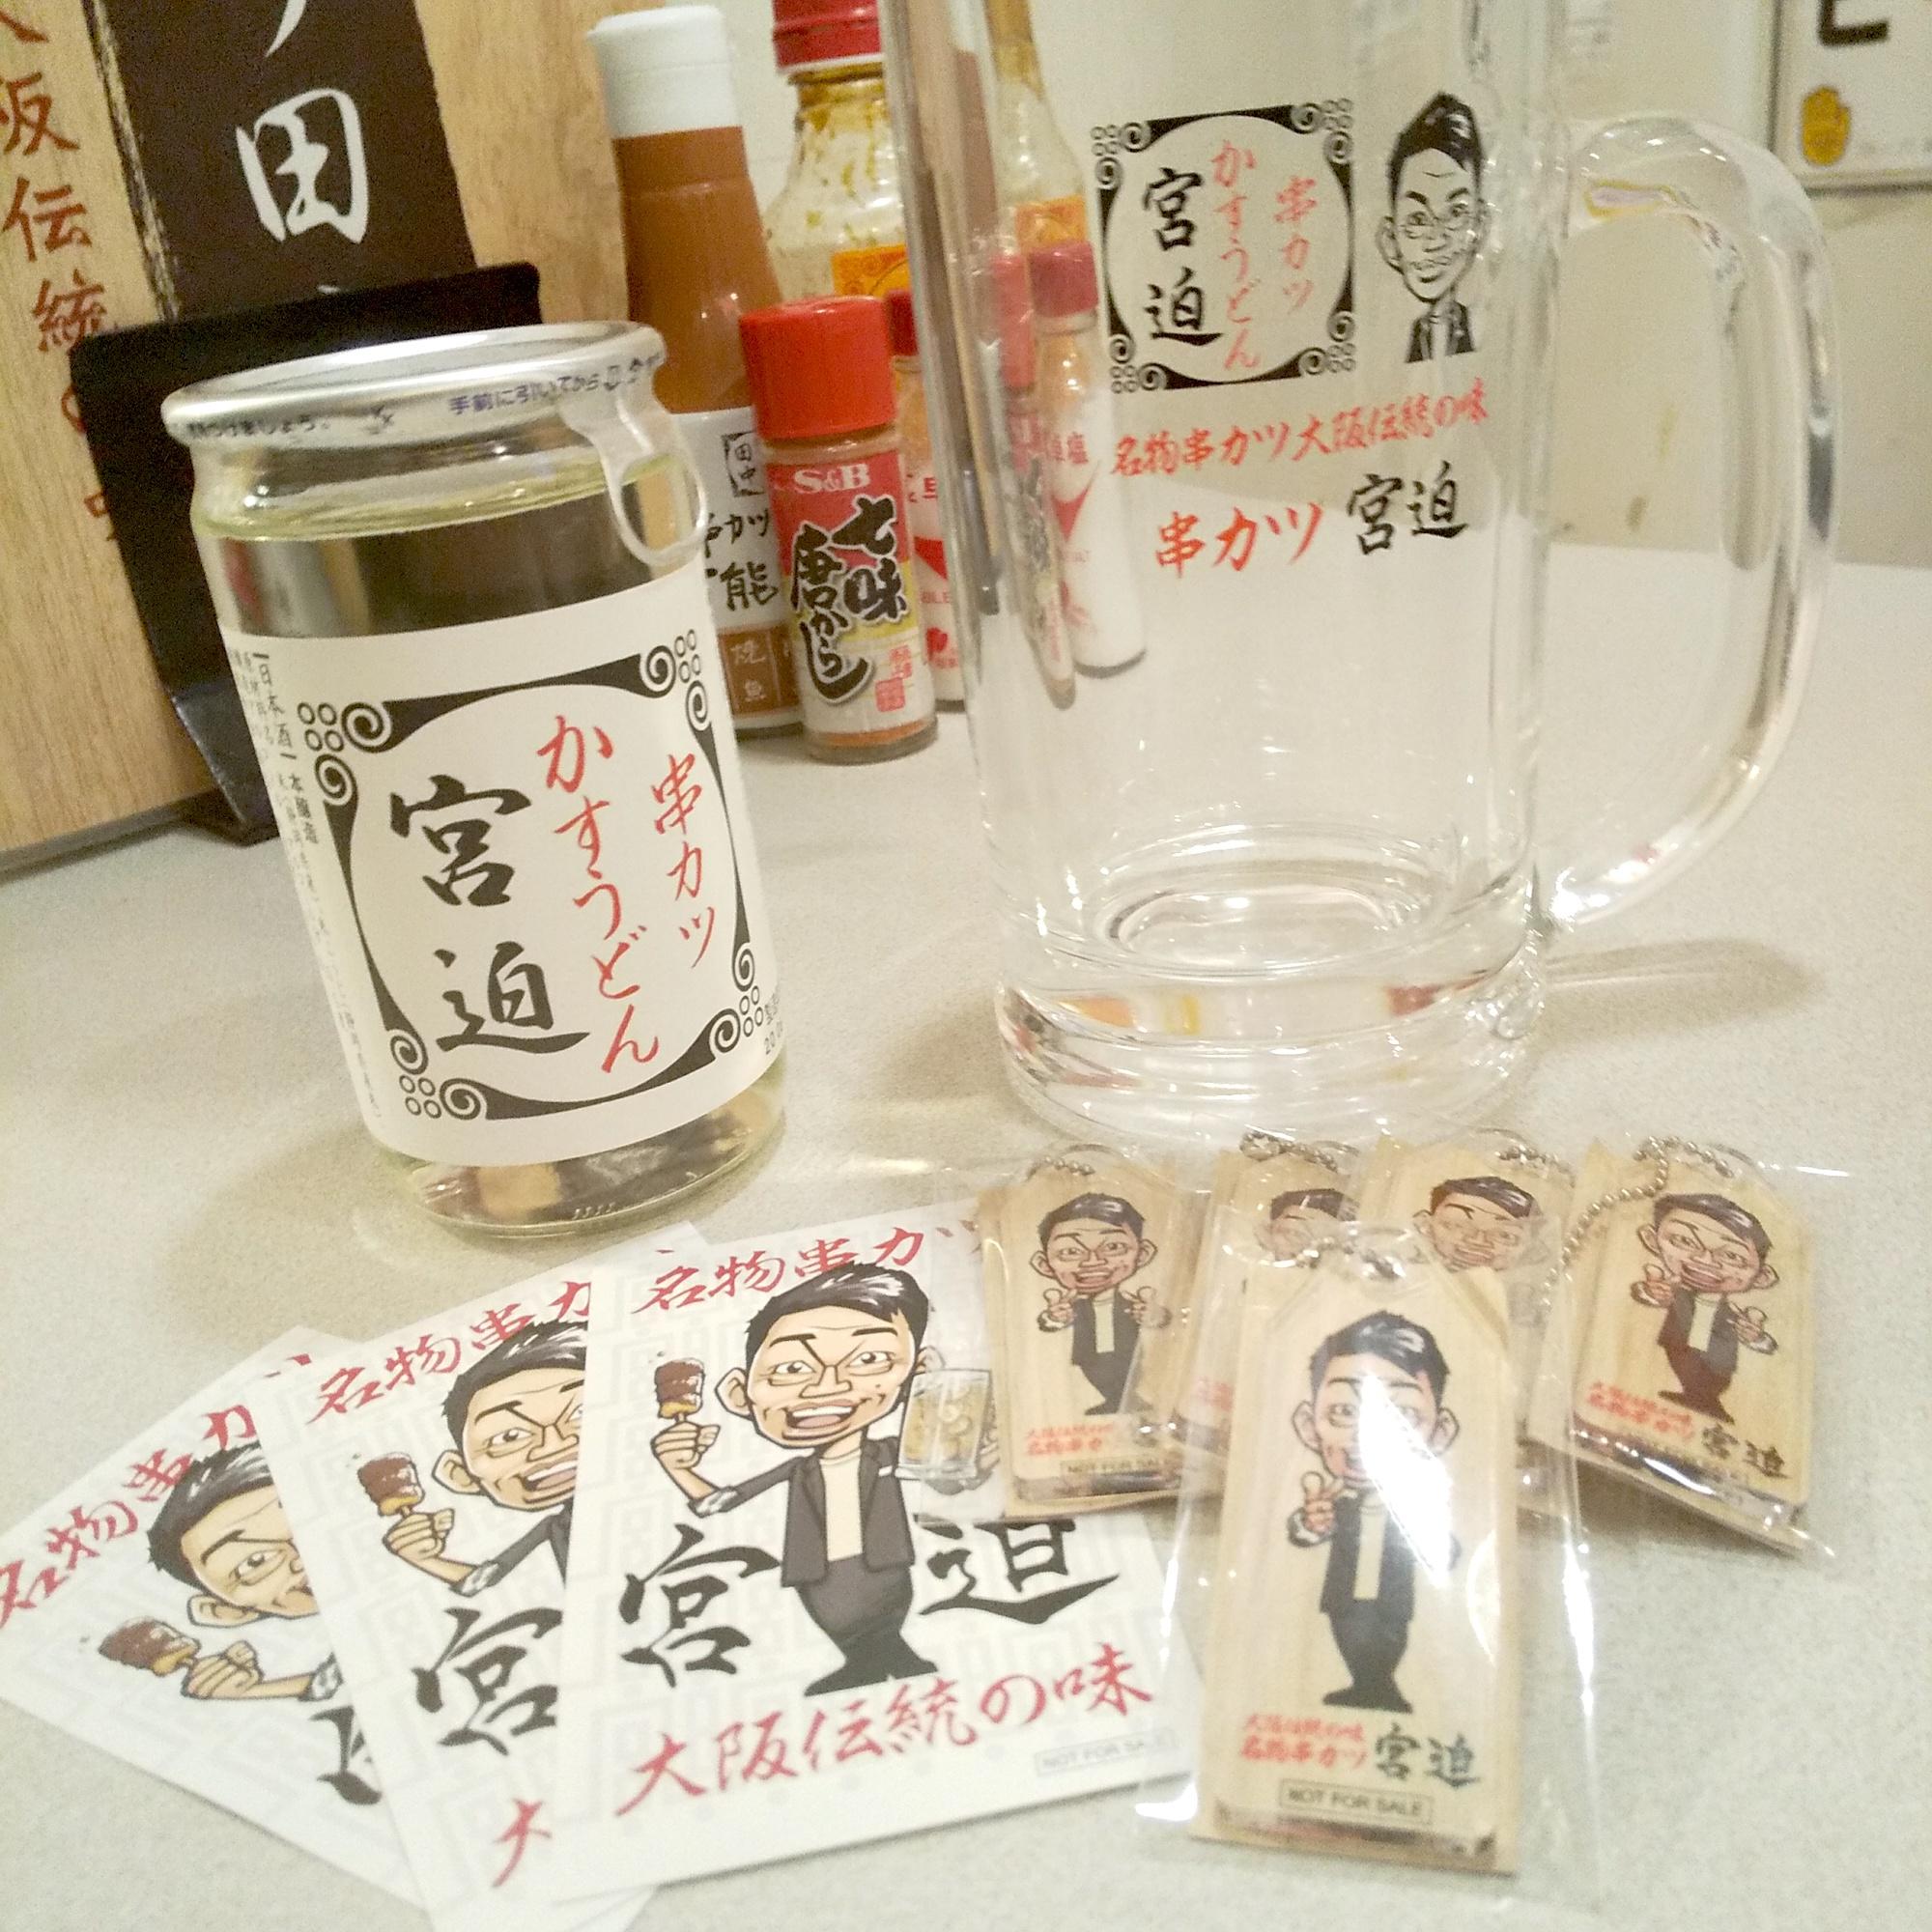 「串カツ宮迫 金山店」始まります!